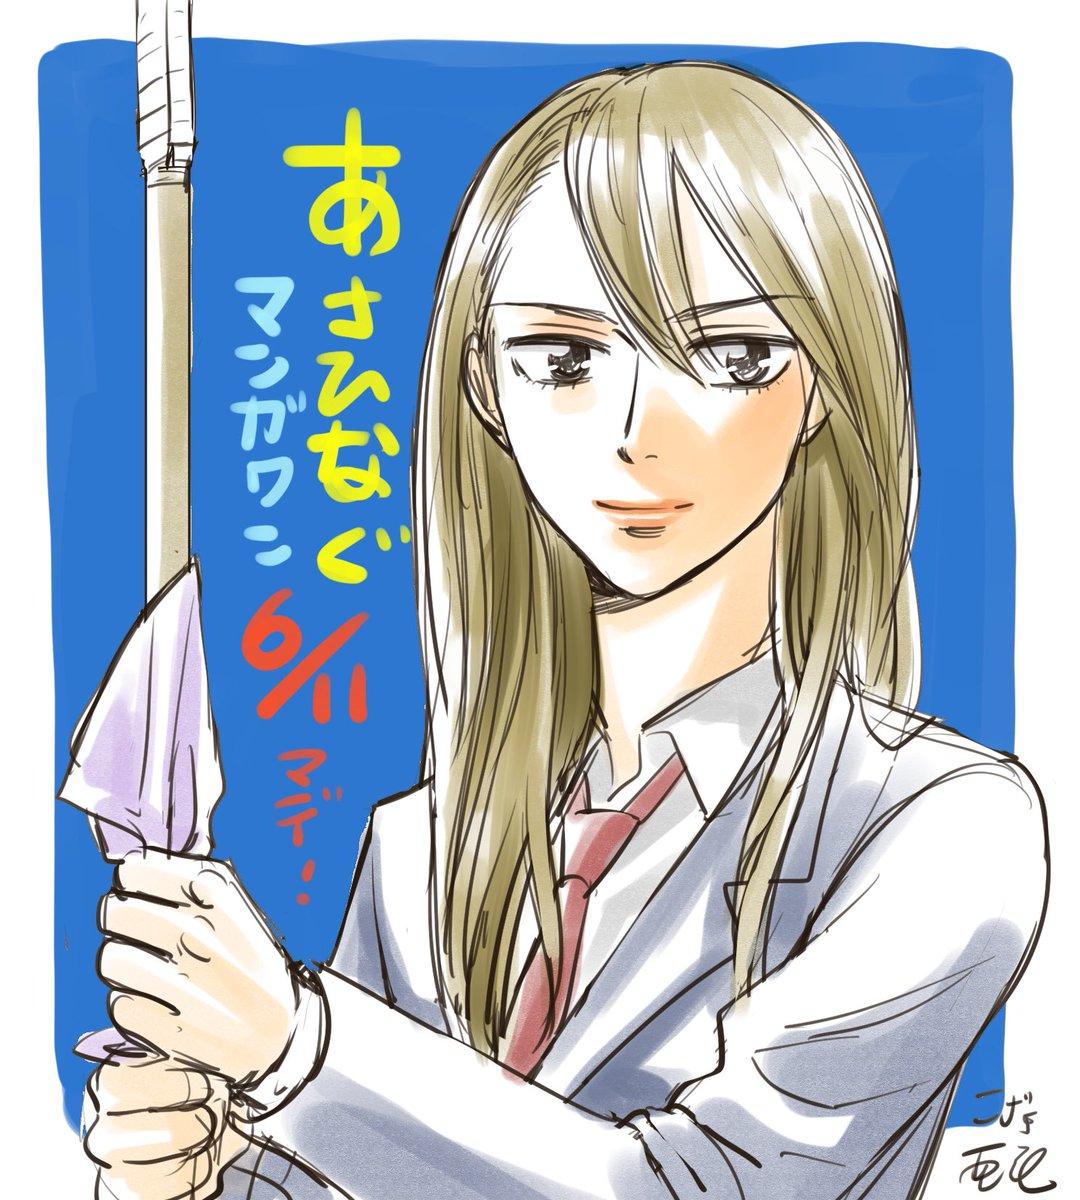 もうすぐ終了です!女子高生達がひたすら薙刀に打ち込みやがて取り返しの付かなくなる漫画『あさひなぐ』...